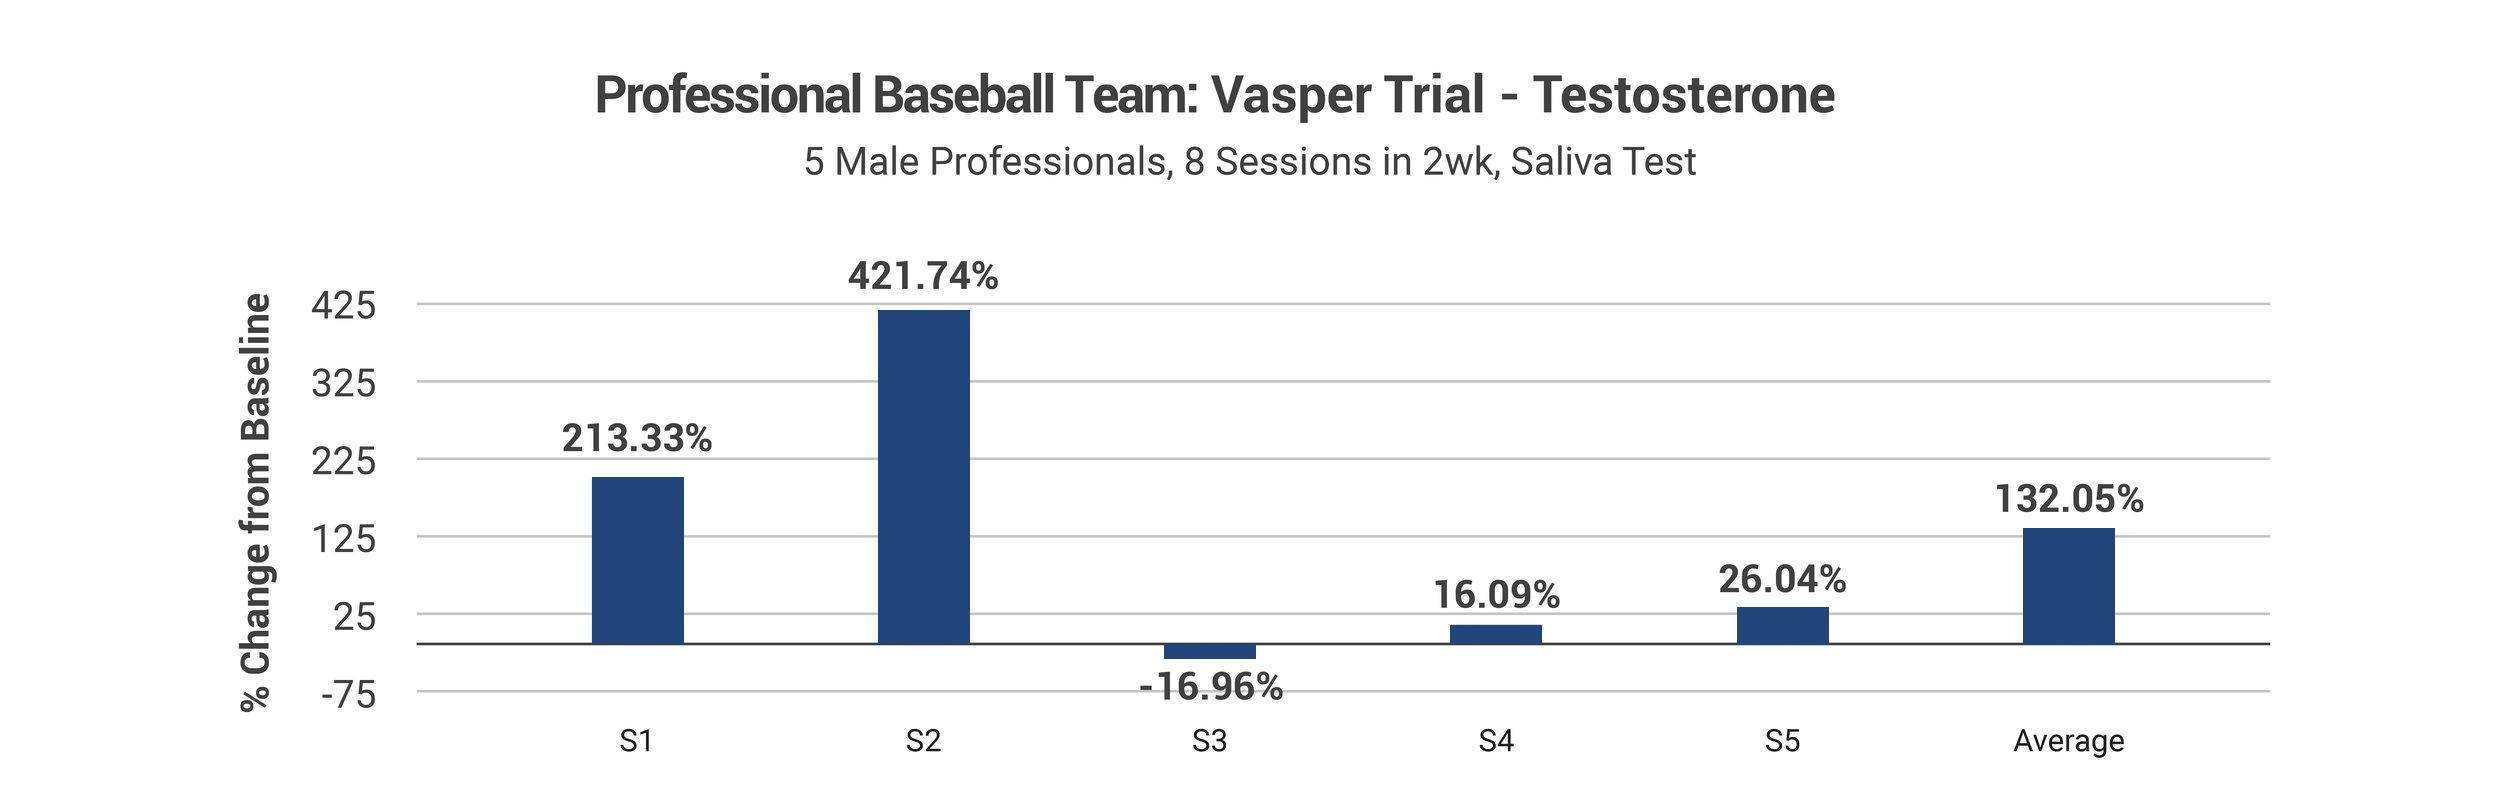 Vasper-testosteronetrial.jpg